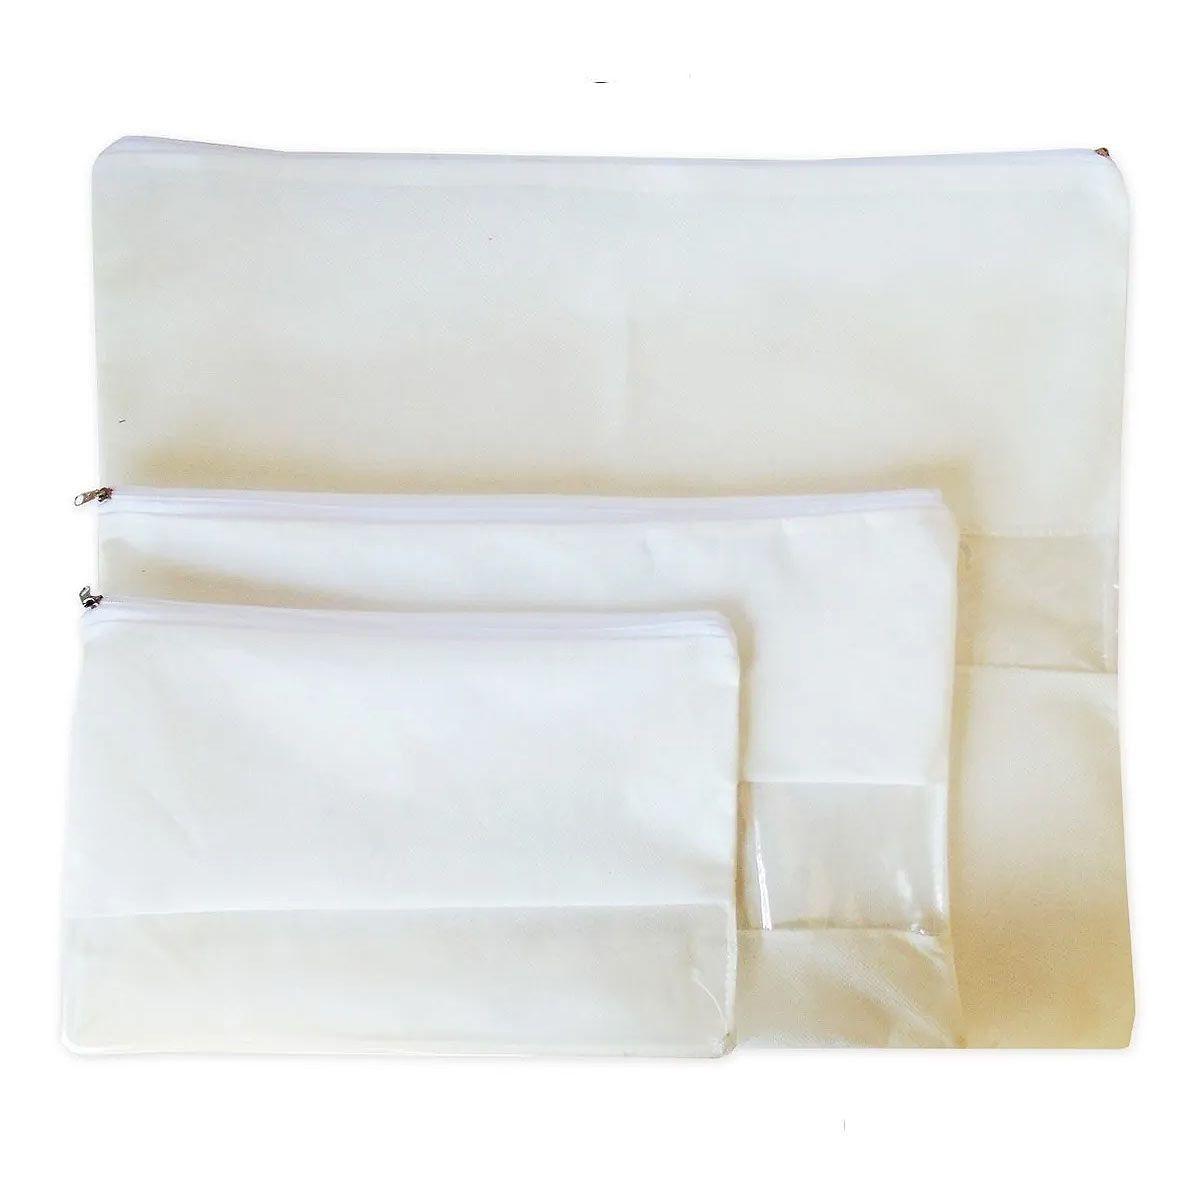 Kit Com 15 Sacos Para Bolsa Com Zíper E Visor (5p, 5m E 5g)